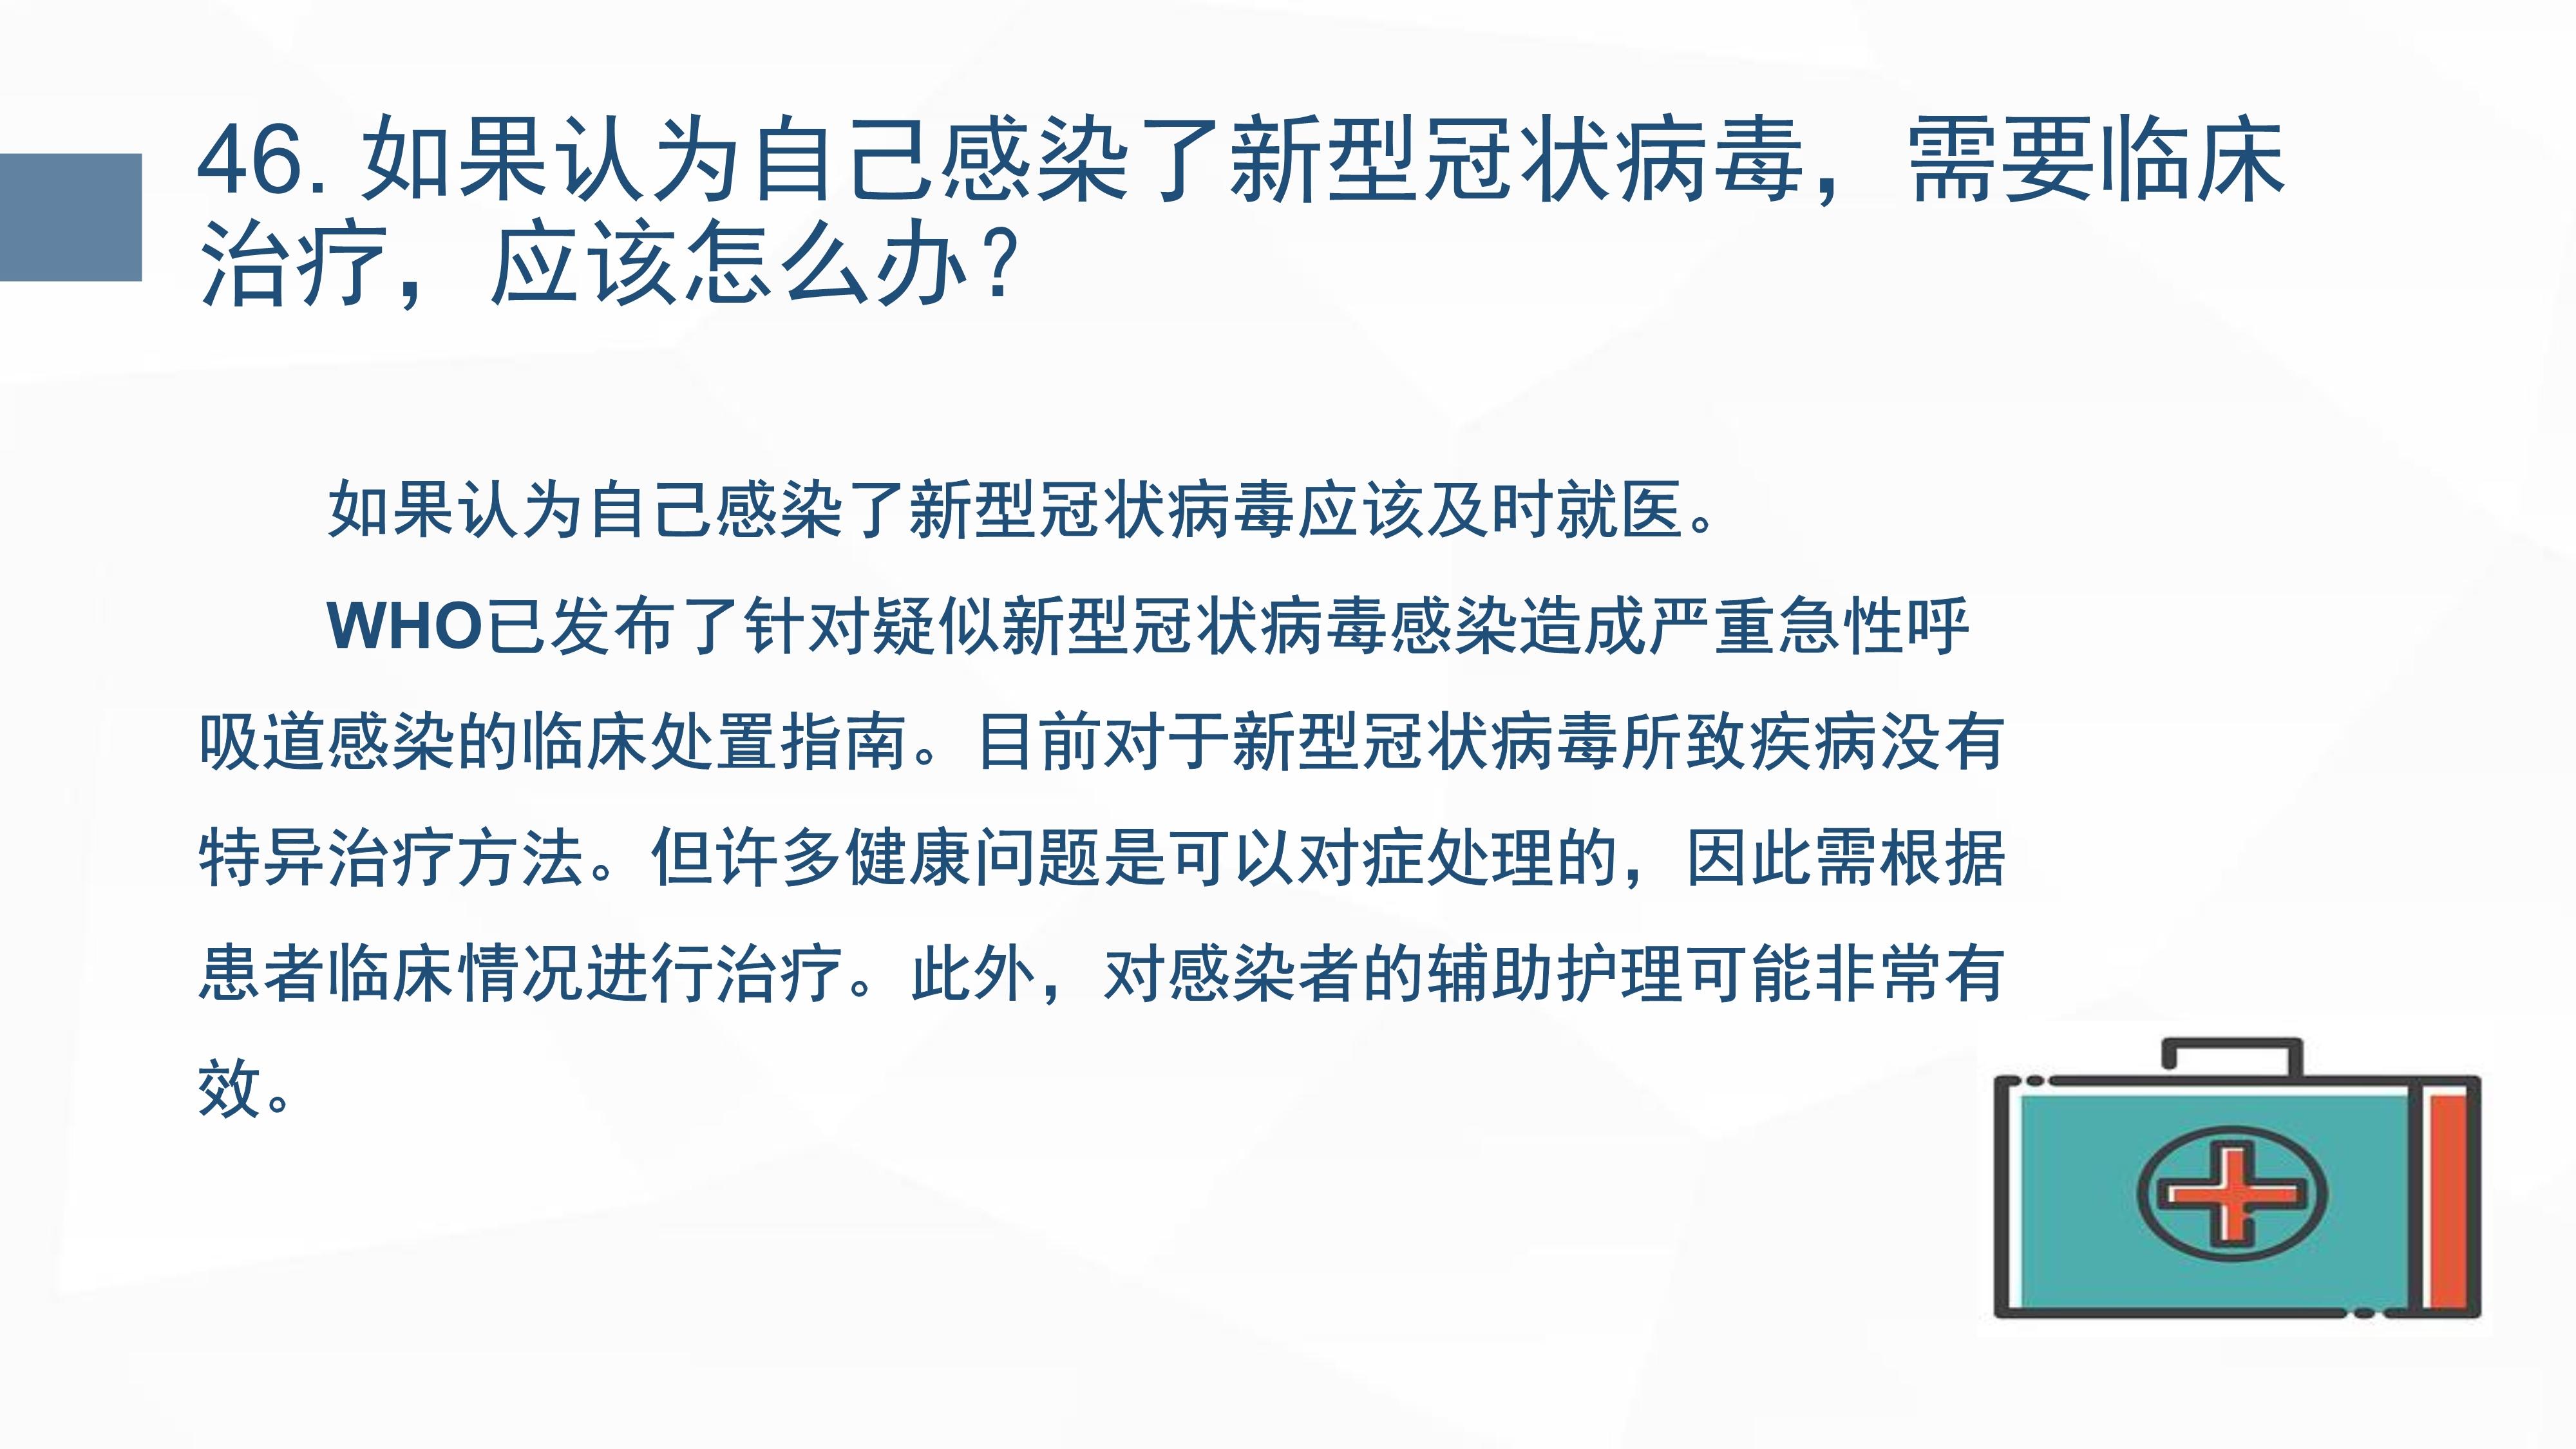 新型冠状病毒肺炎预防手册_54